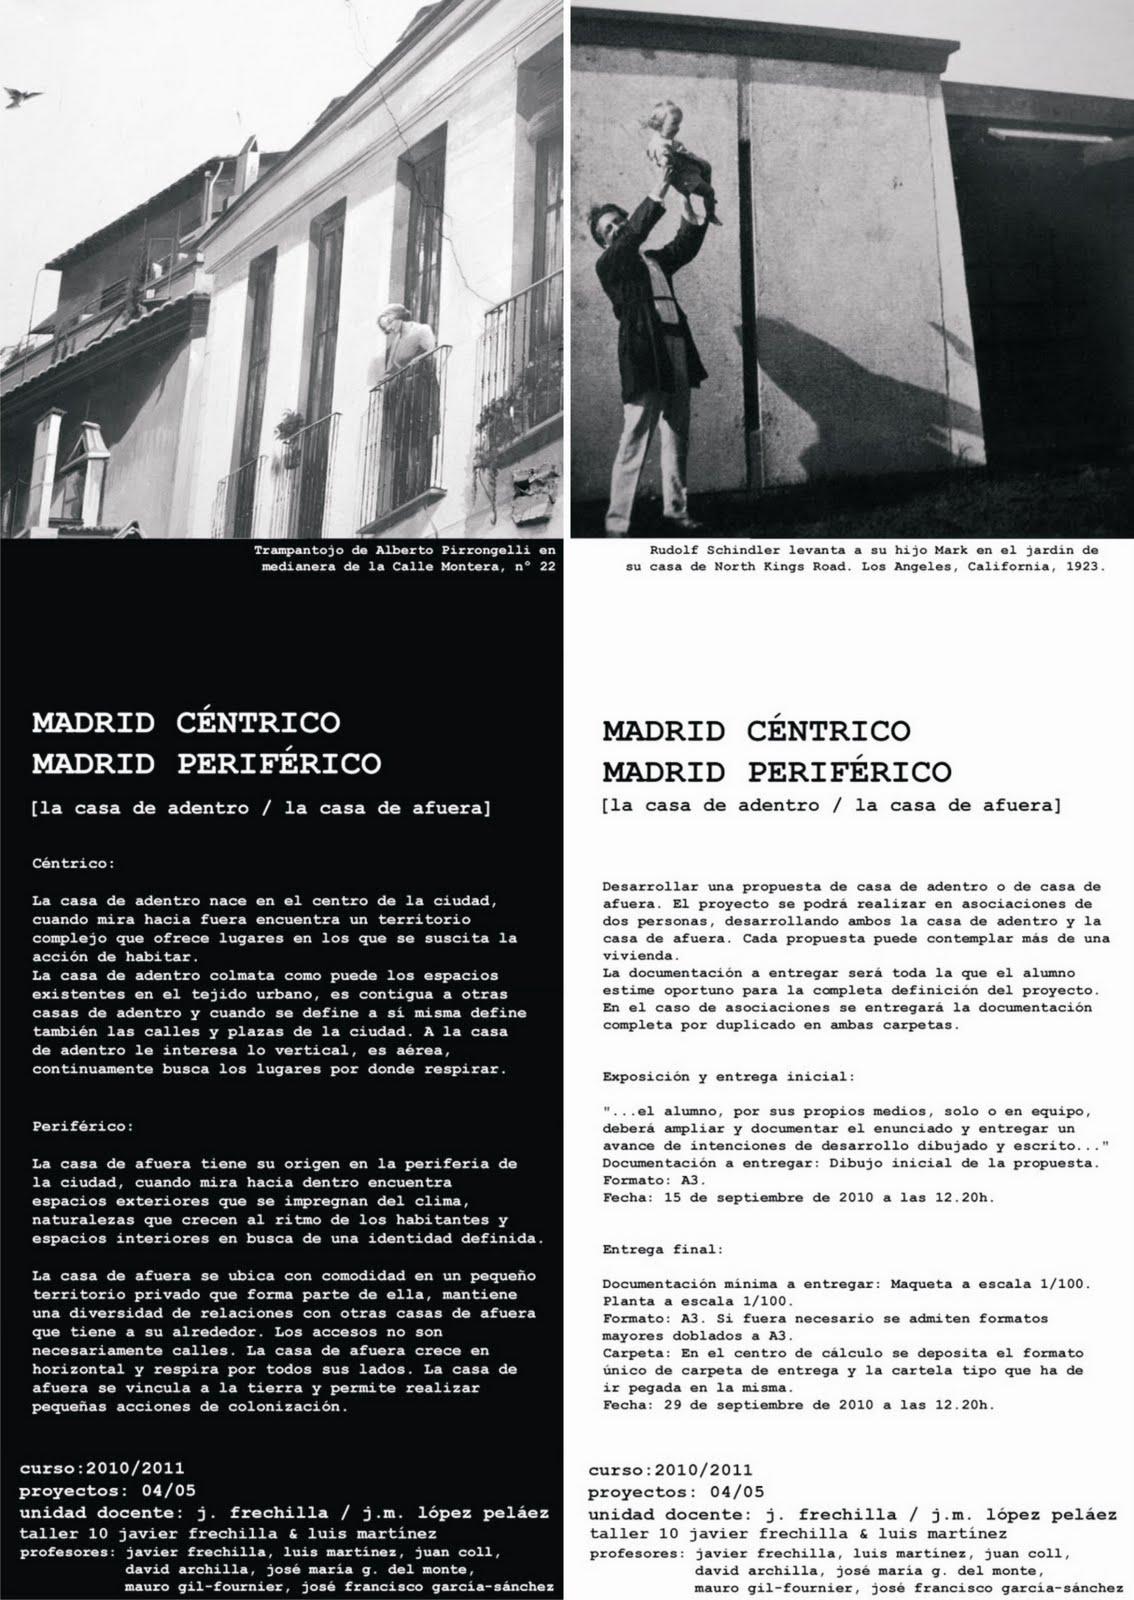 Jos francisco garcia sanchez arquitecto architect - Ets arquitectura madrid ...